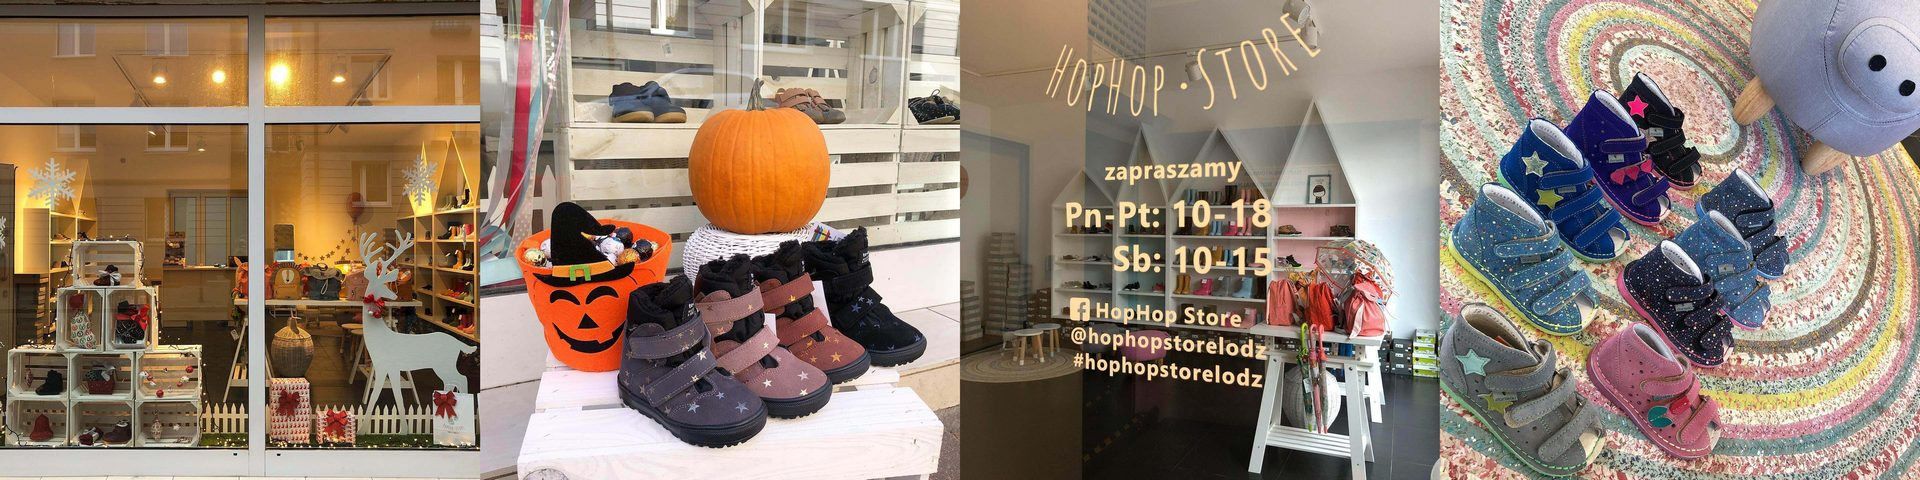 buty dla dzieci łódź, sklep z butami dla dzieci łódź, obuwie dziecięce łódż, buty dziecięce łódź, buty mrugała, sklep internetowy www.hophop.store